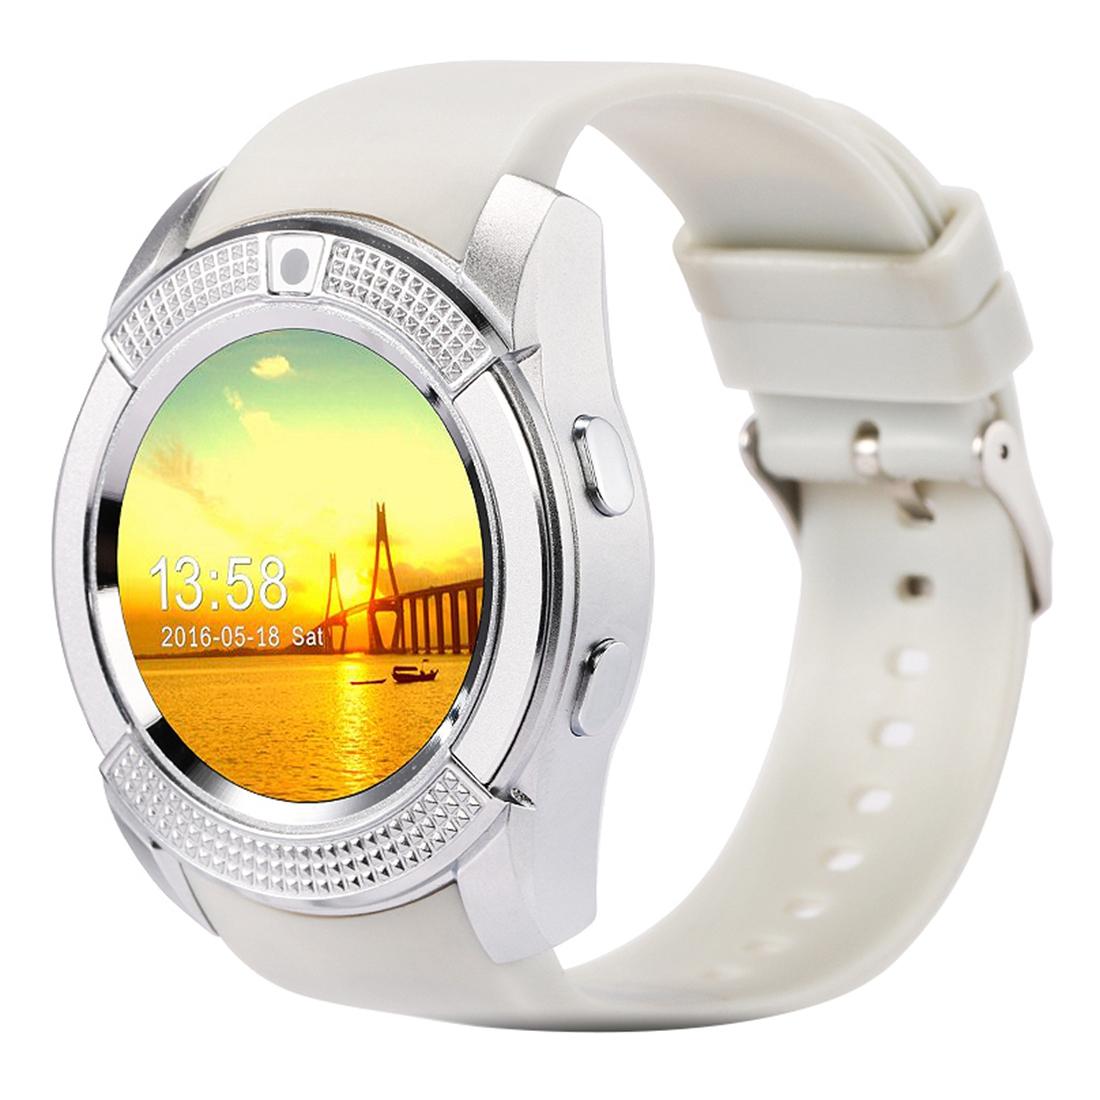 X-Watch Xwatch V8 1,22 palcový dotykový displej, 2G volání, Bluetooth Smart hodinky s 0.3MP fotoaparátem, pedometer, hudební přehrávač, sledování spánku, vzdálené snímání, TF karta, bílá